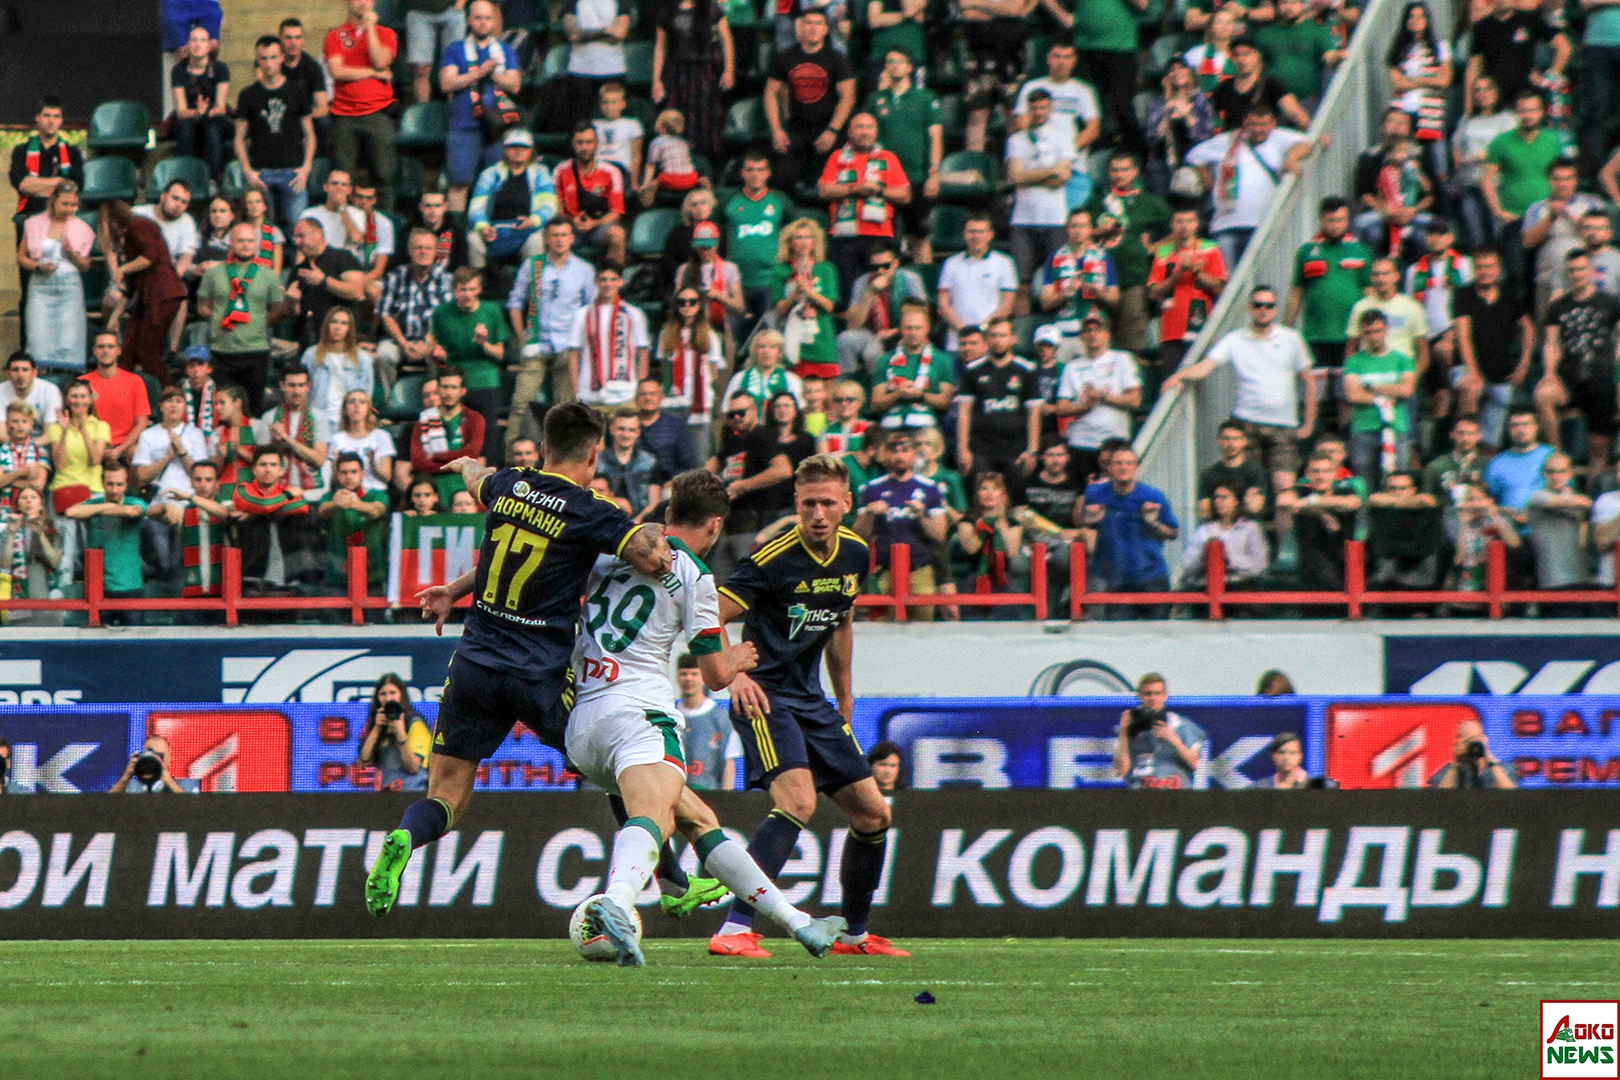 Локомотив - Ростов. Фото: Дмитрий Бурдонов / Loko.News